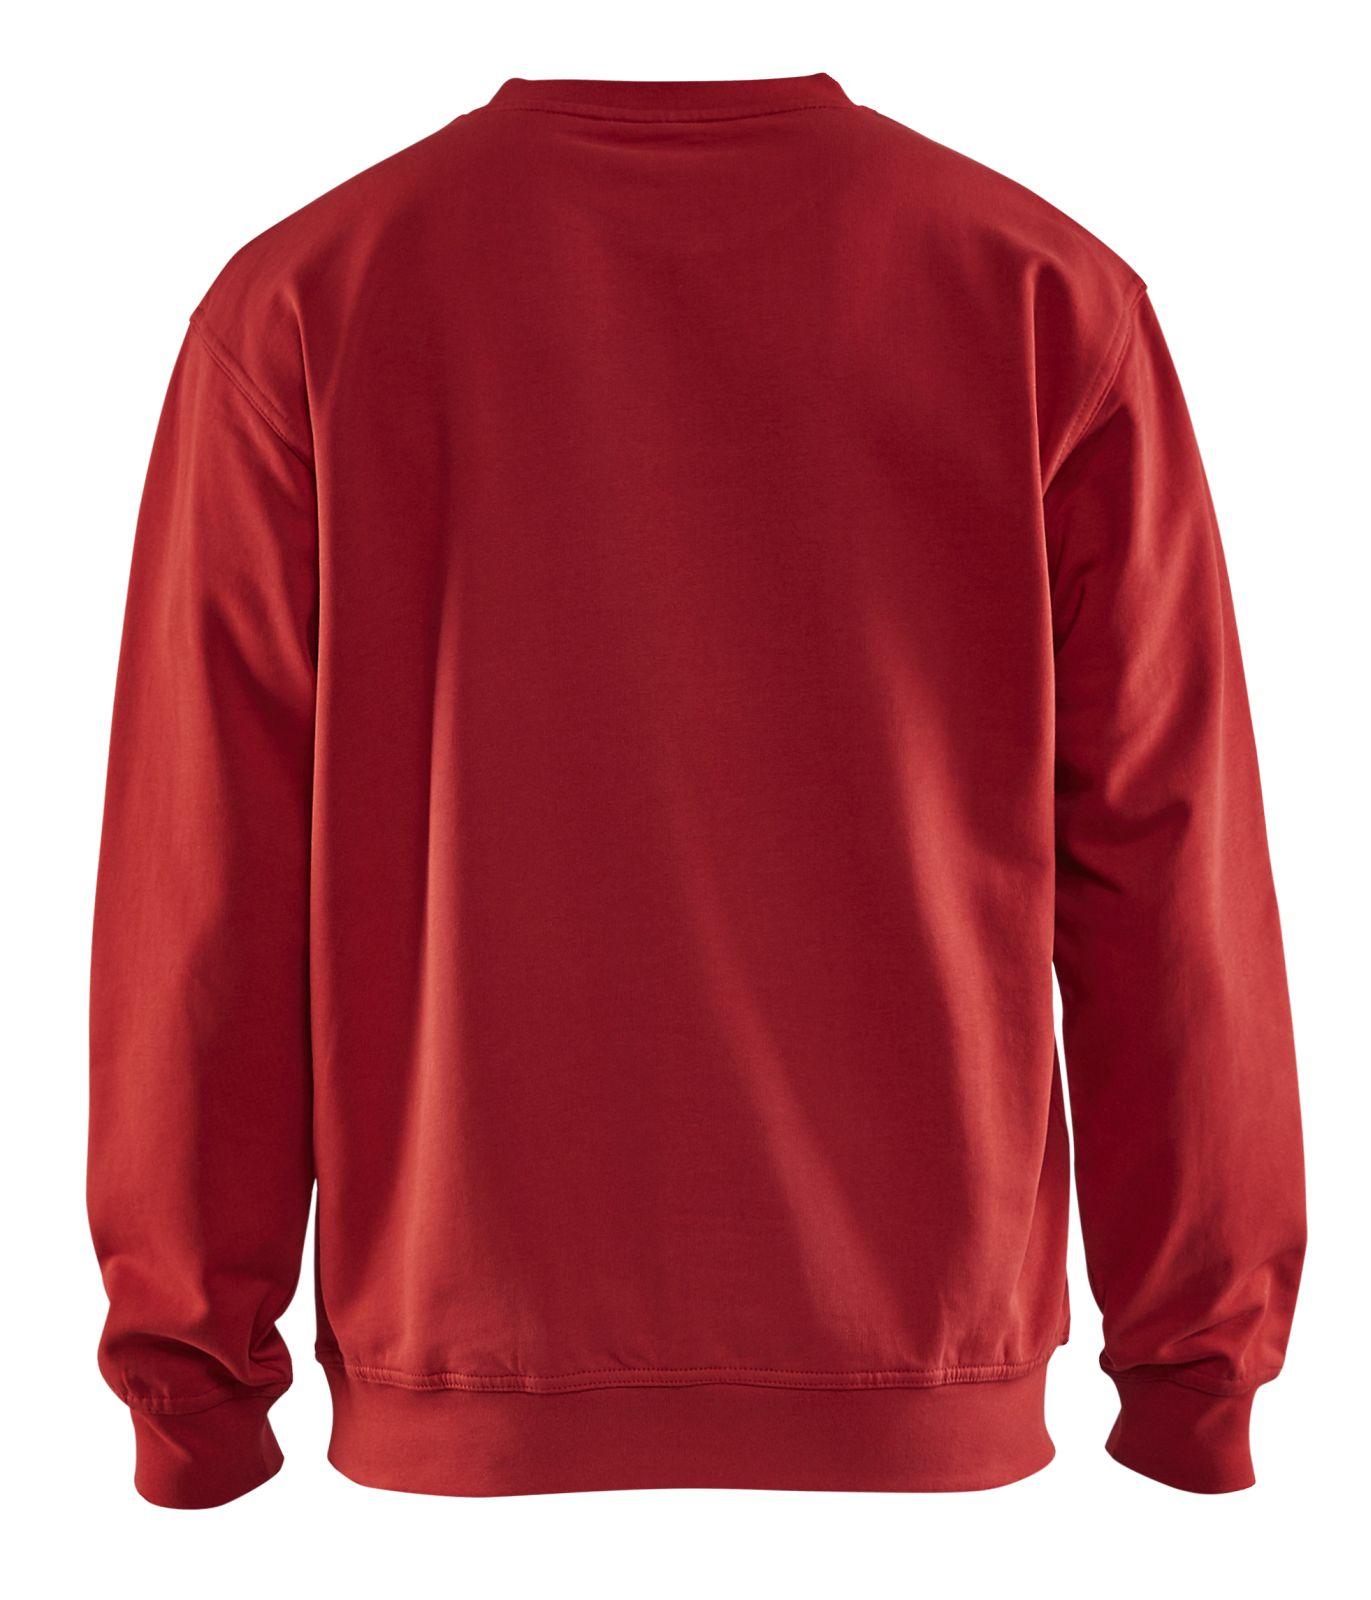 Blaklader Truien 33401158 rood(5600)